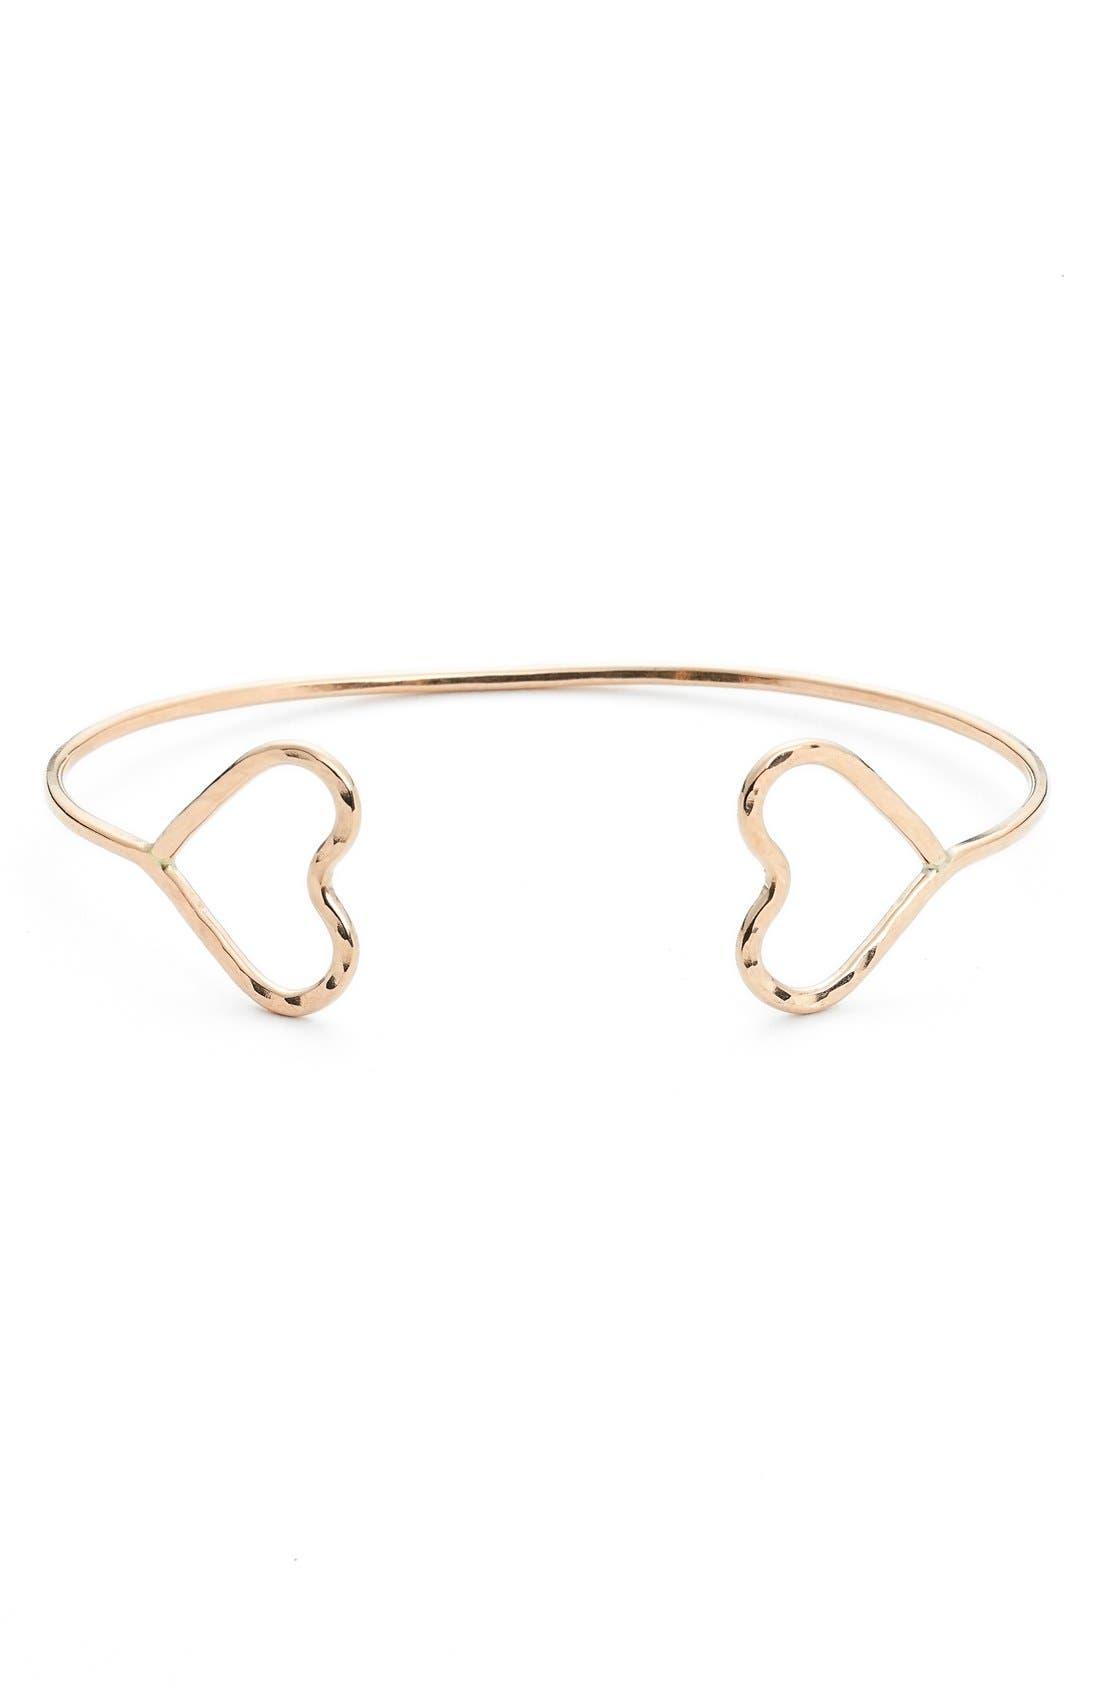 Alternate Image 1 Selected - Nashelle 14k-Gold Fill Open Heart Cuff Bracelet